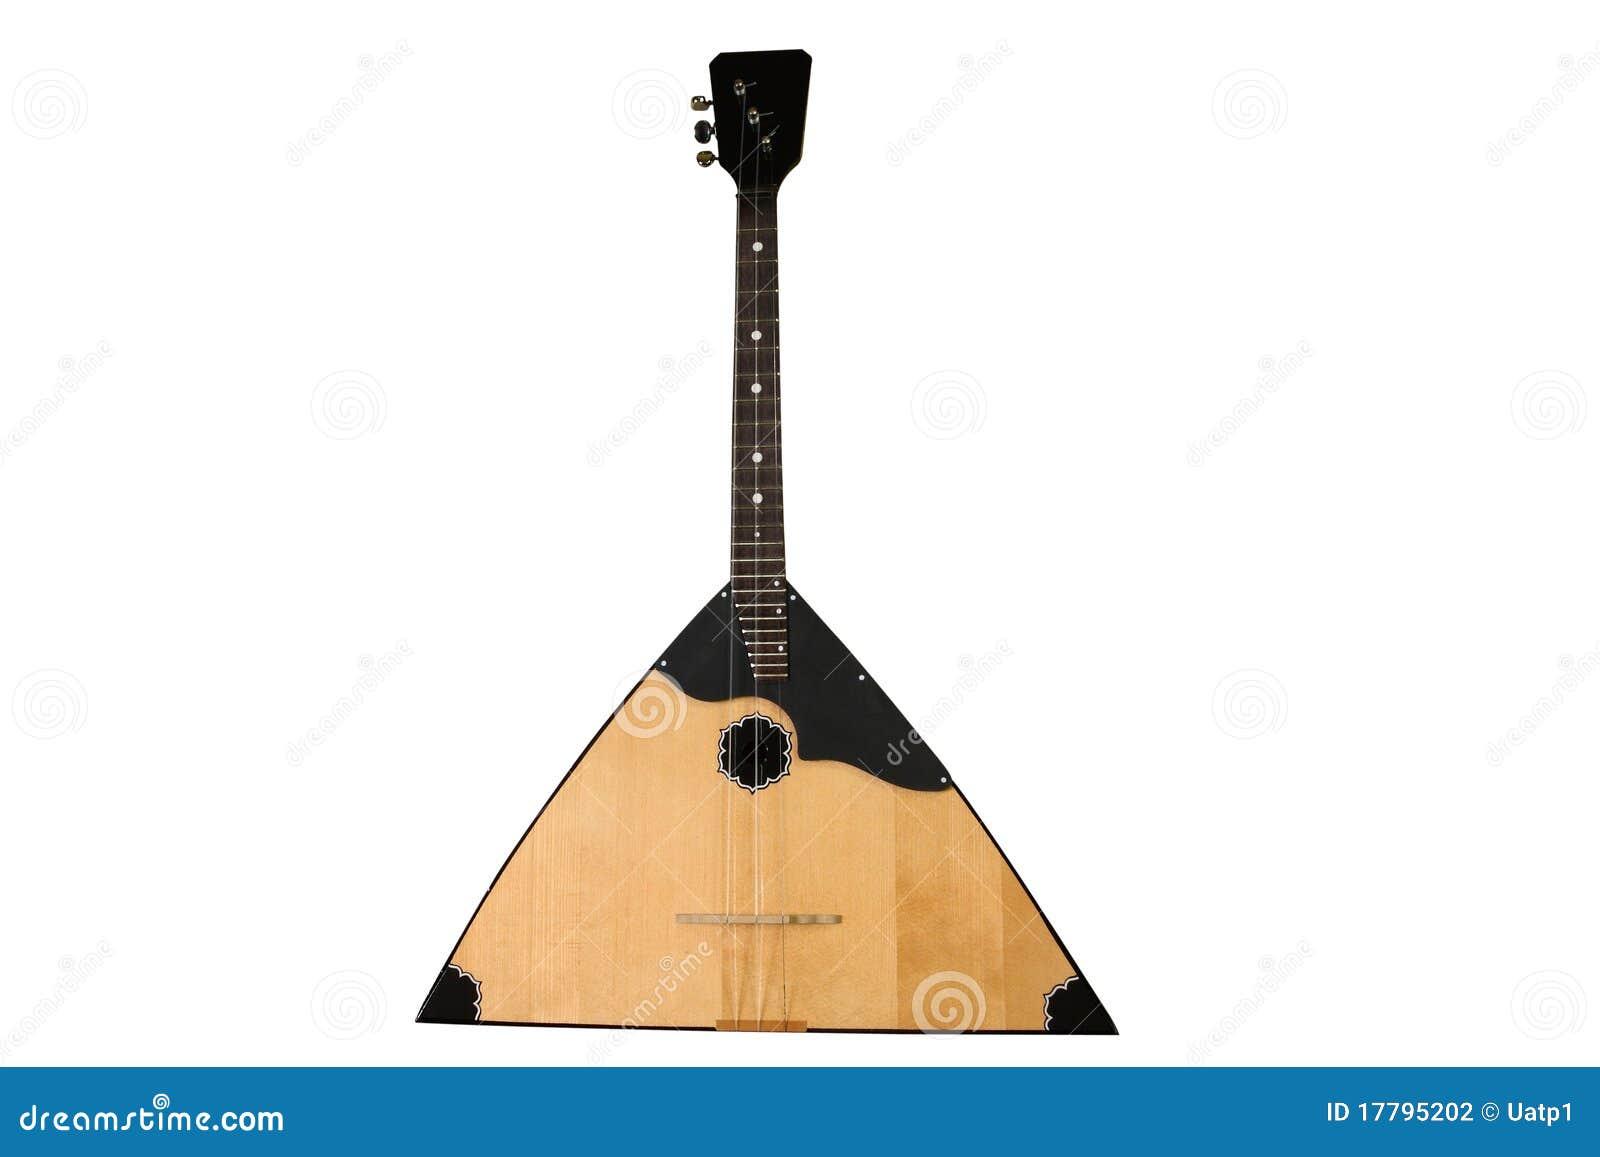 背景在白色之下的俄式三弦琴图象.图片